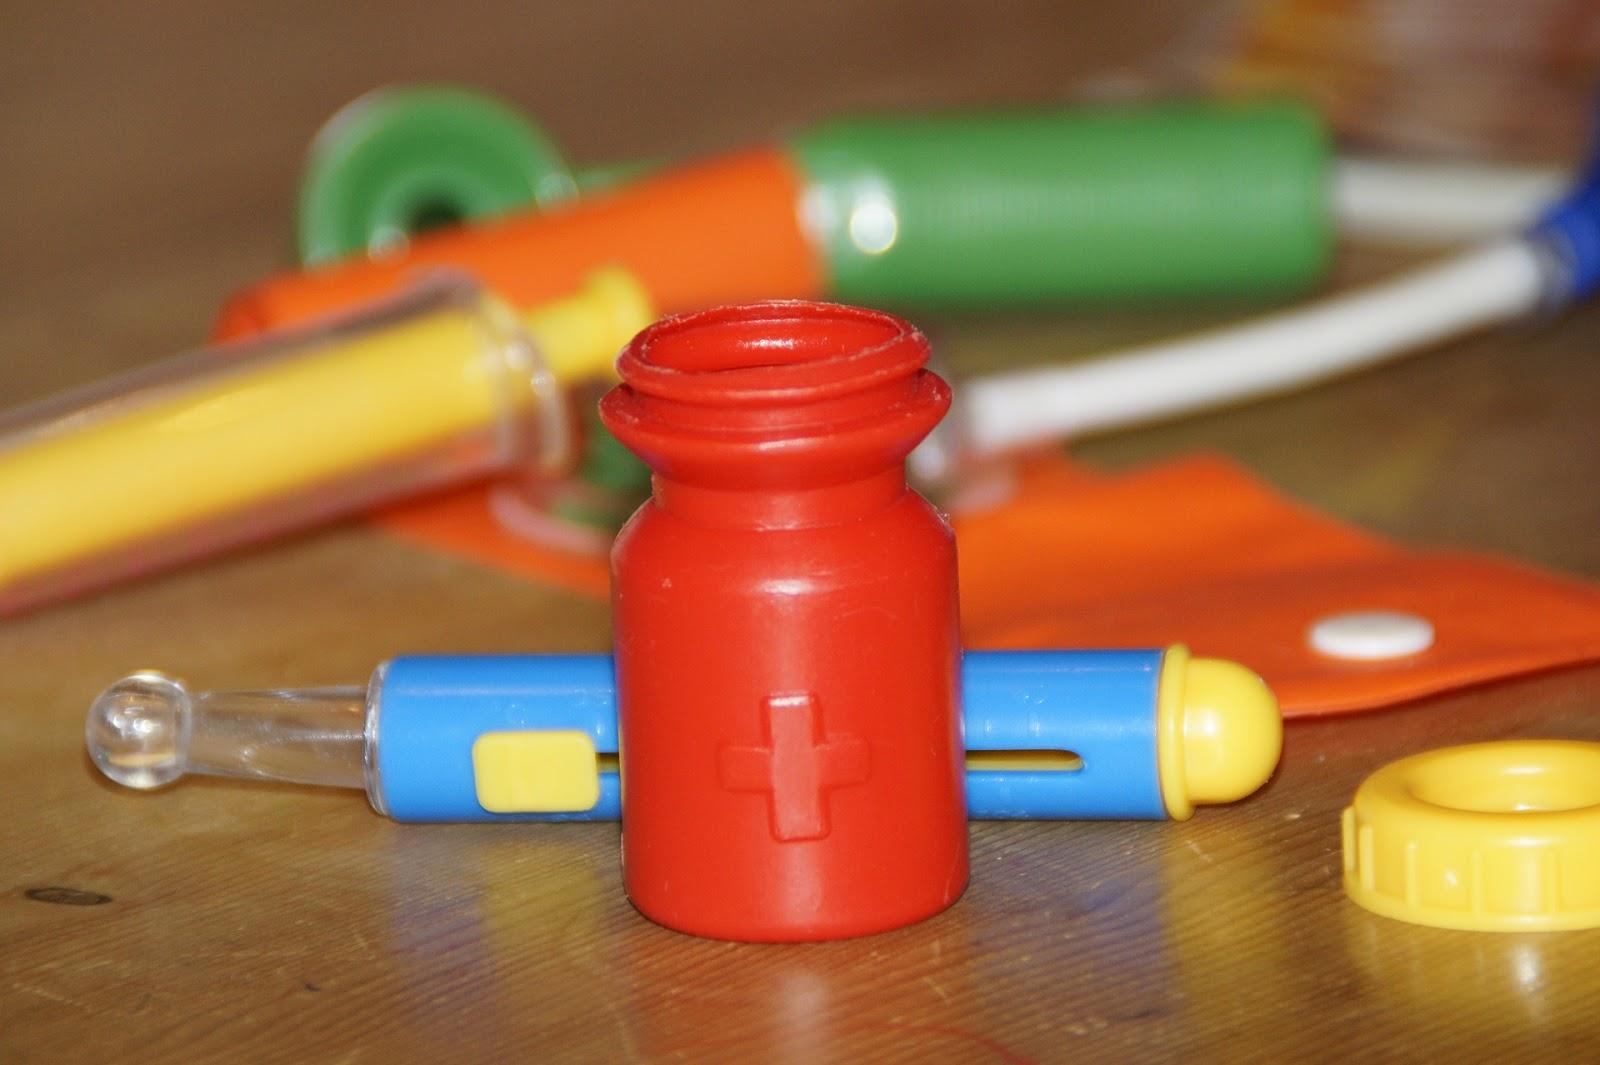 Kinder Arztkoffer Spielzeug Test - Empfehlungen von Ökotest und Eltern